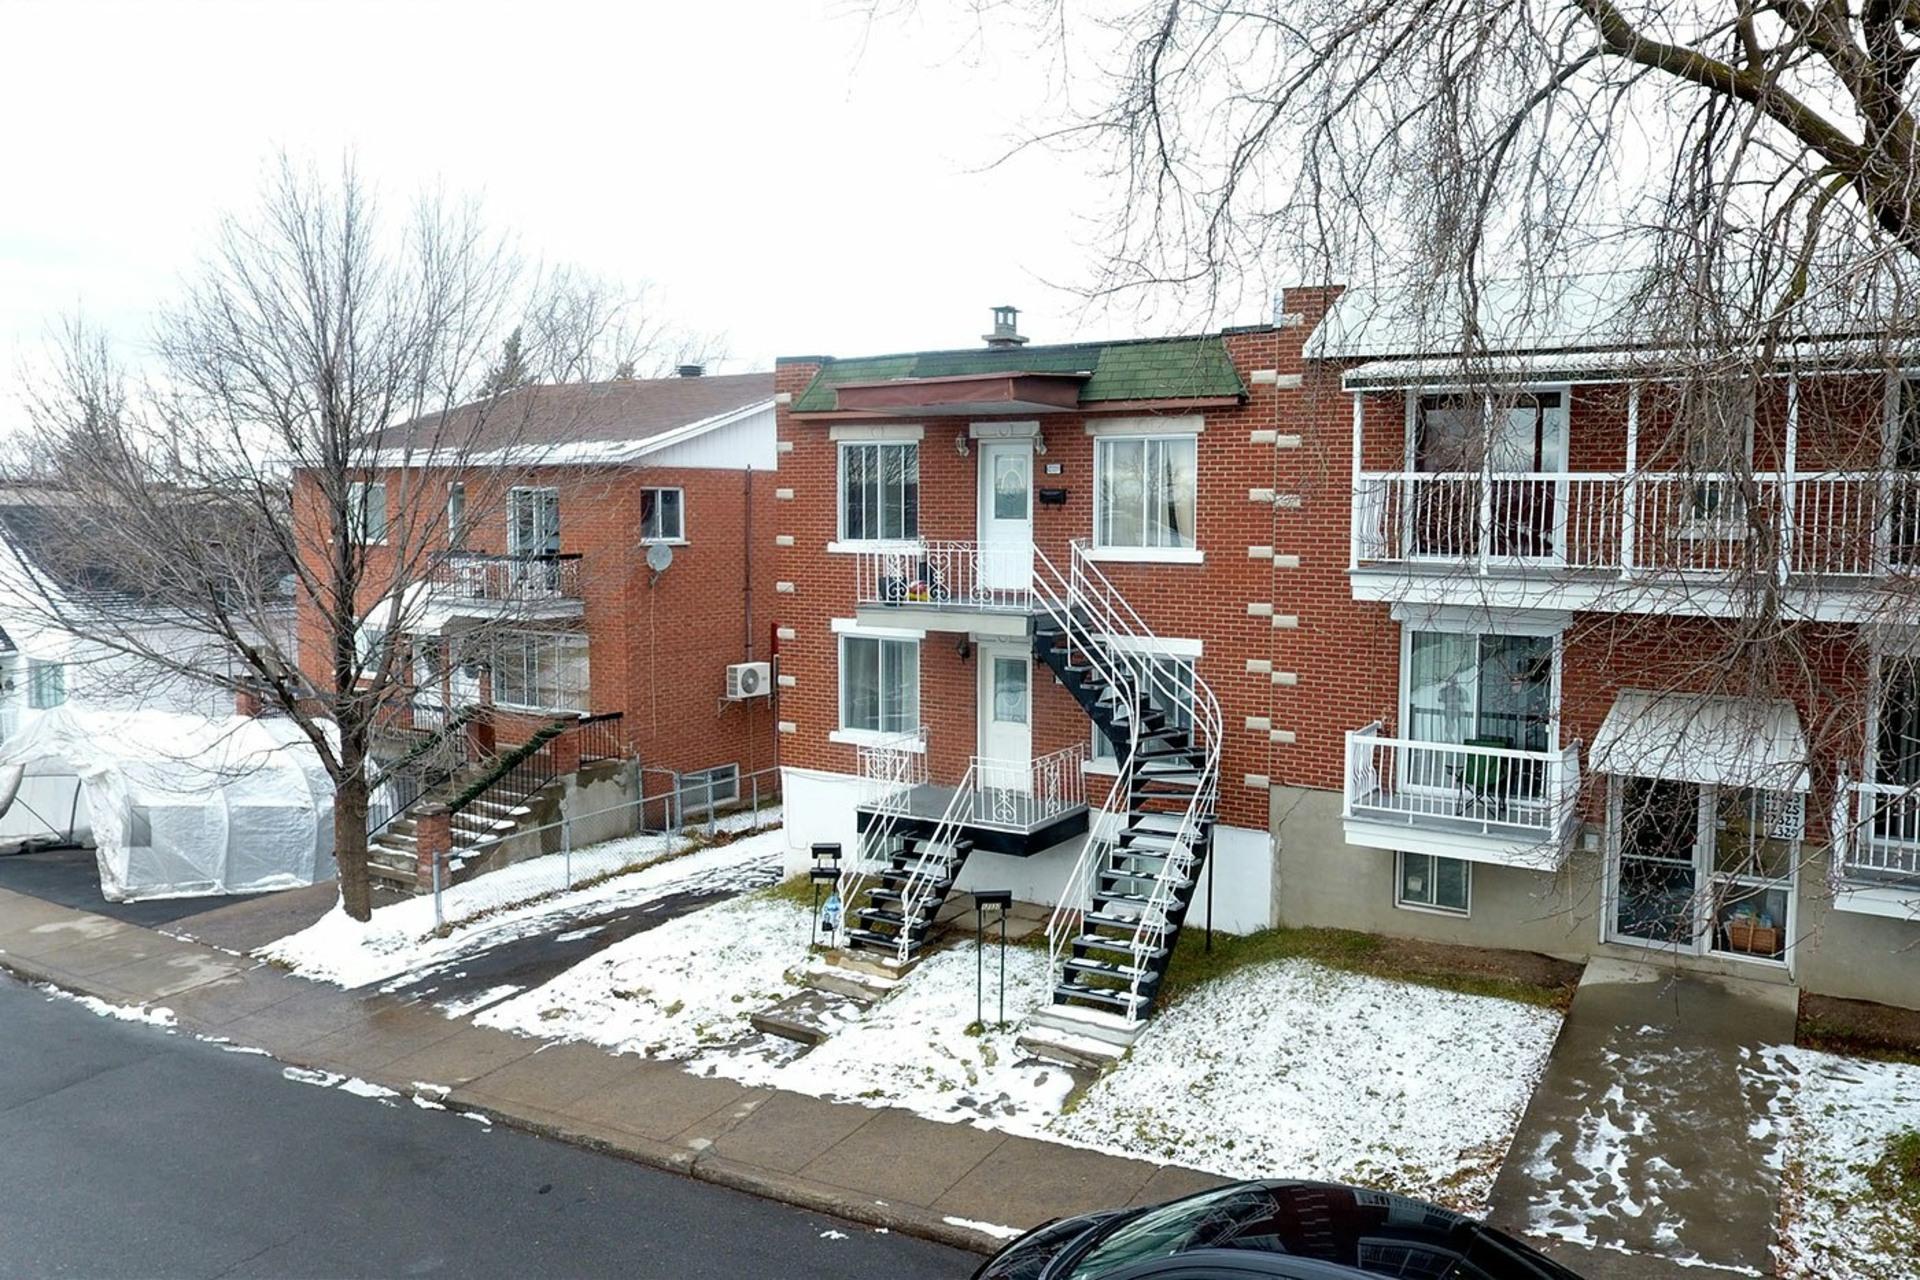 image 37 - Duplex For sale Rivière-des-Prairies/Pointe-aux-Trembles Montréal  - 4 rooms